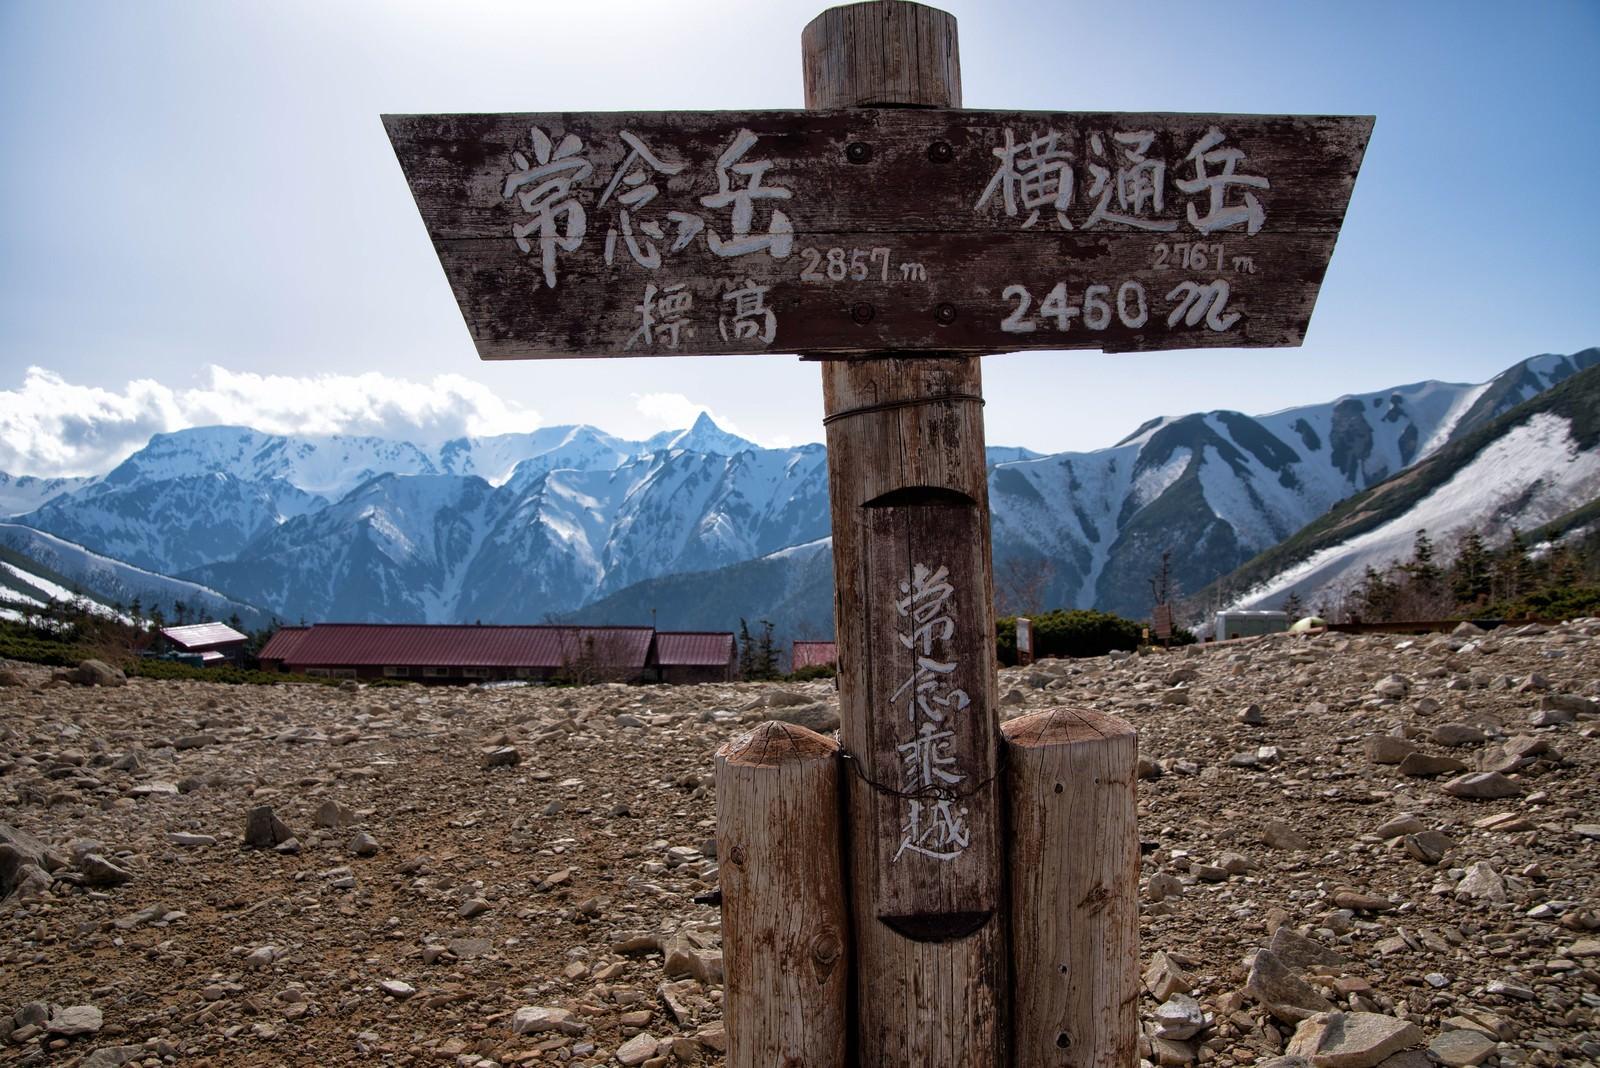 「常念乗越の看板と山小屋から望む山峰」の写真